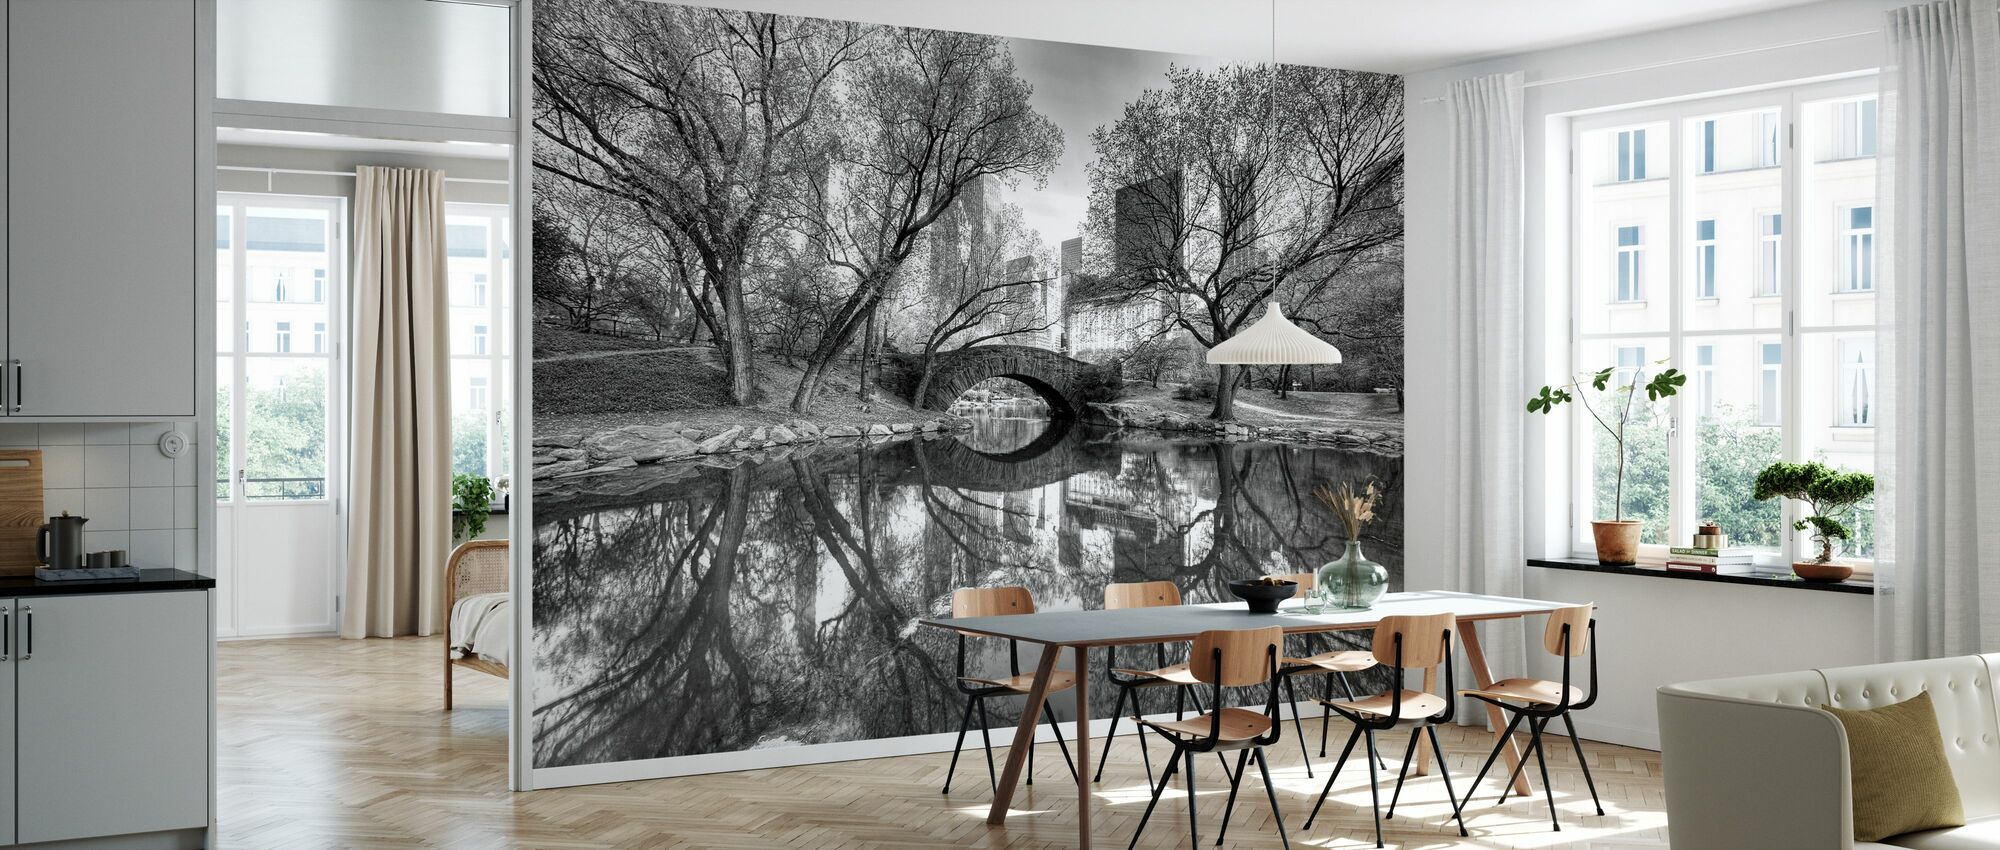 Bridge in Central Park - Wallpaper - Kitchen